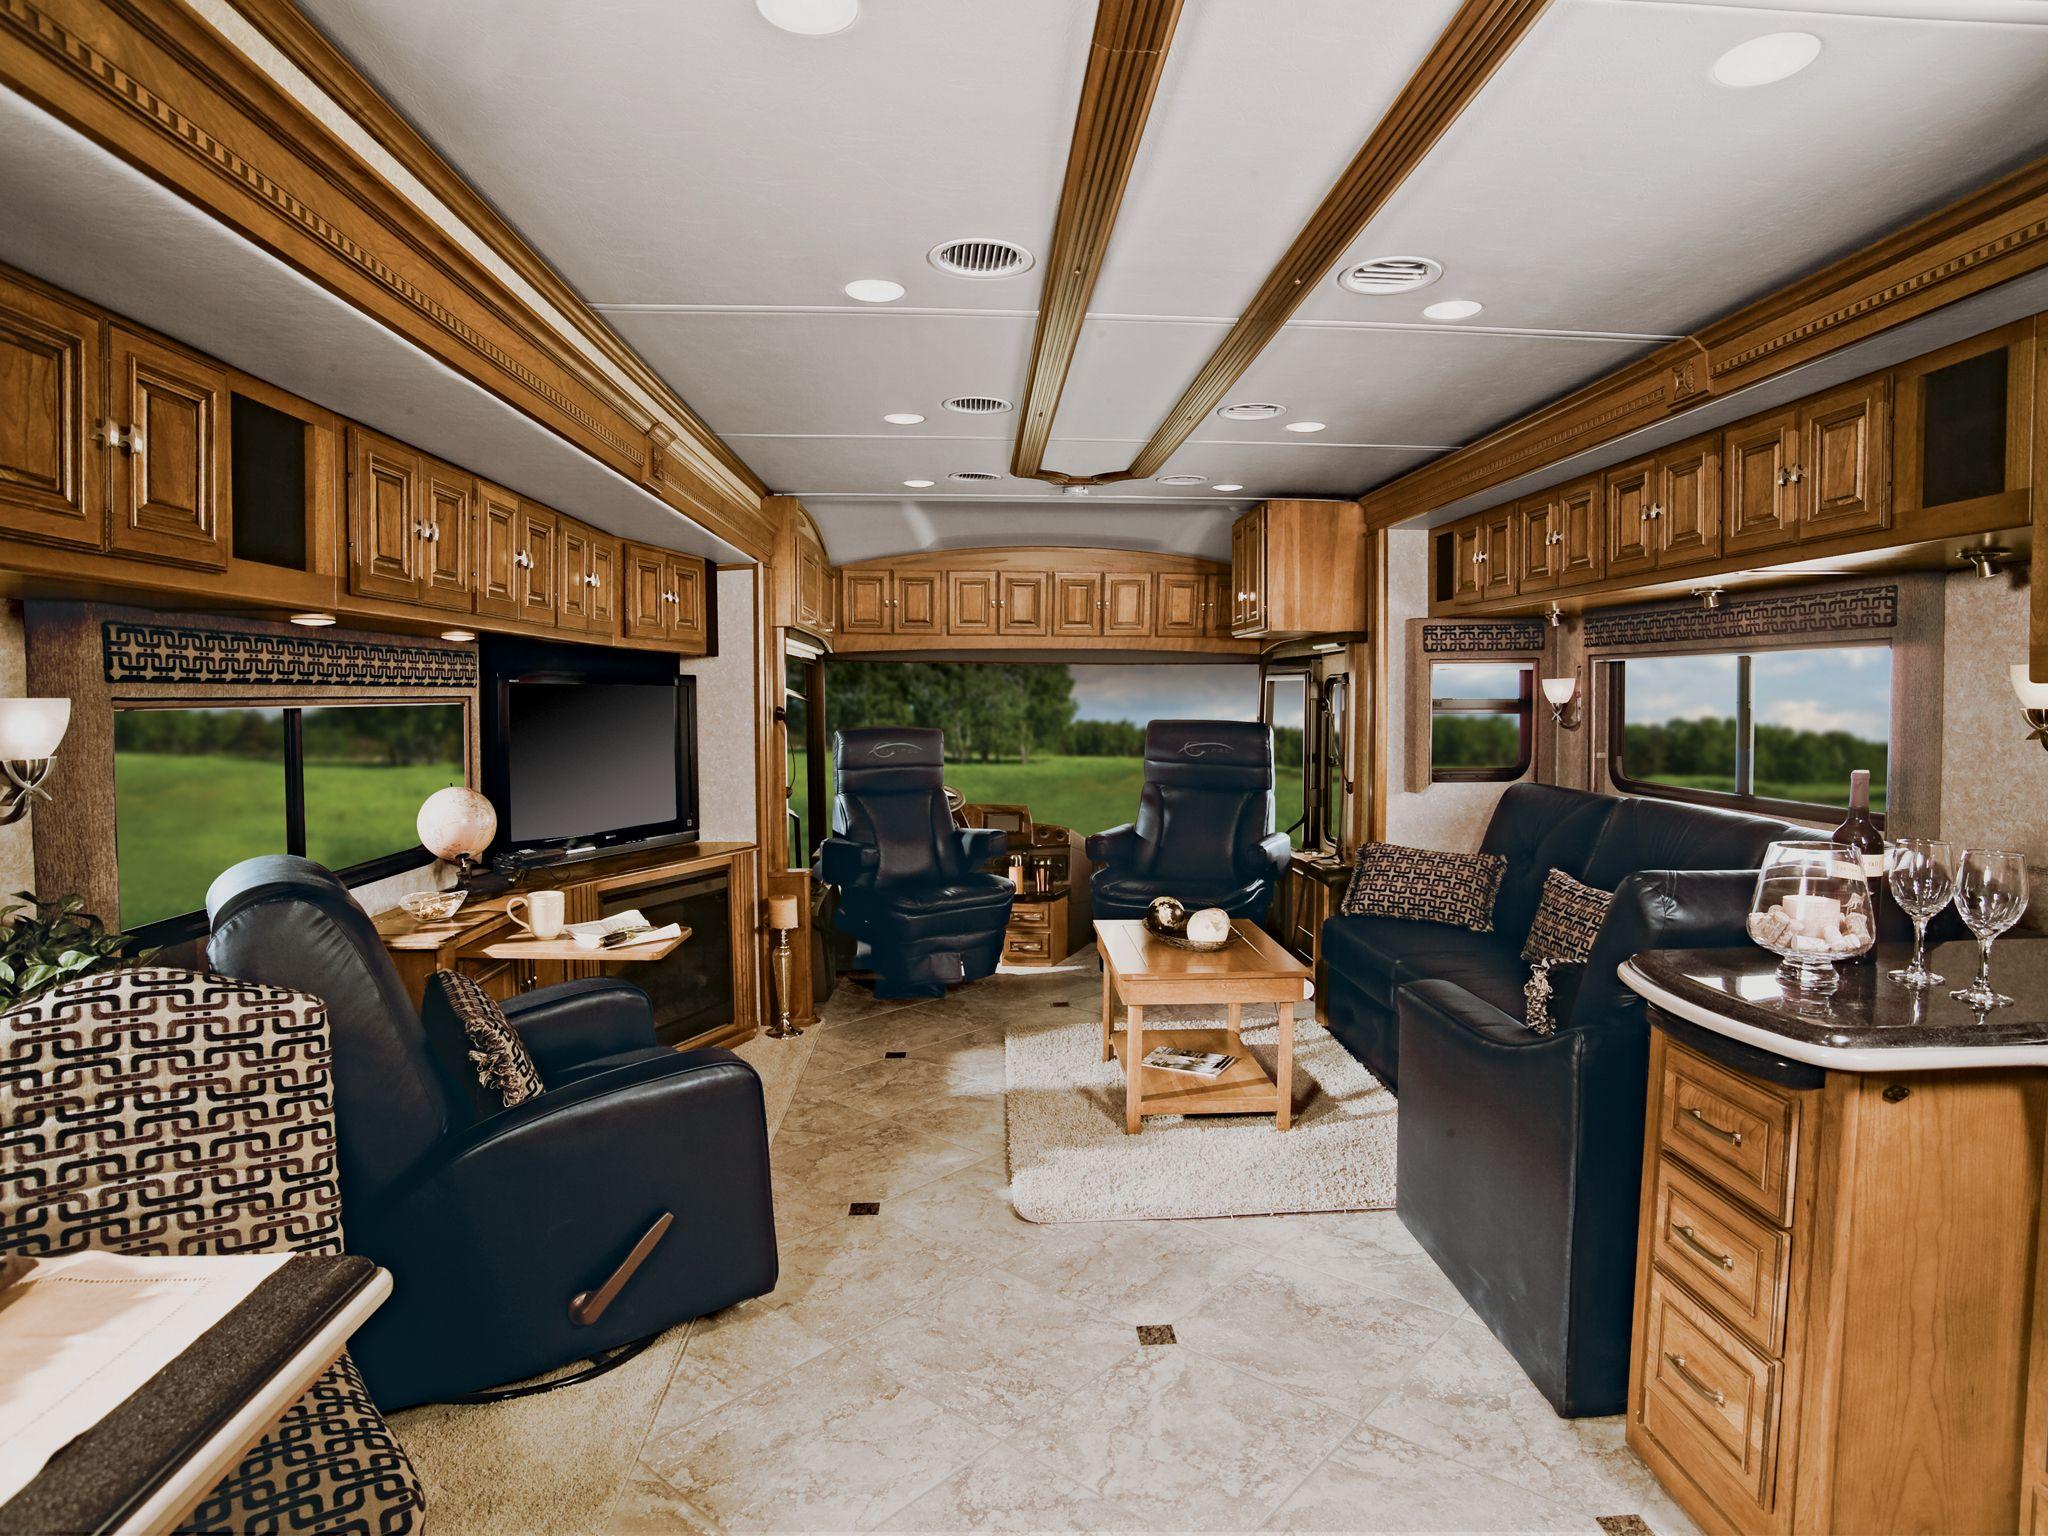 Luxury rv interior - Mercedes Benz Zetros Interior 2011 Itasca Ellipse Motorhome Camper Interior G Wallpaper Background